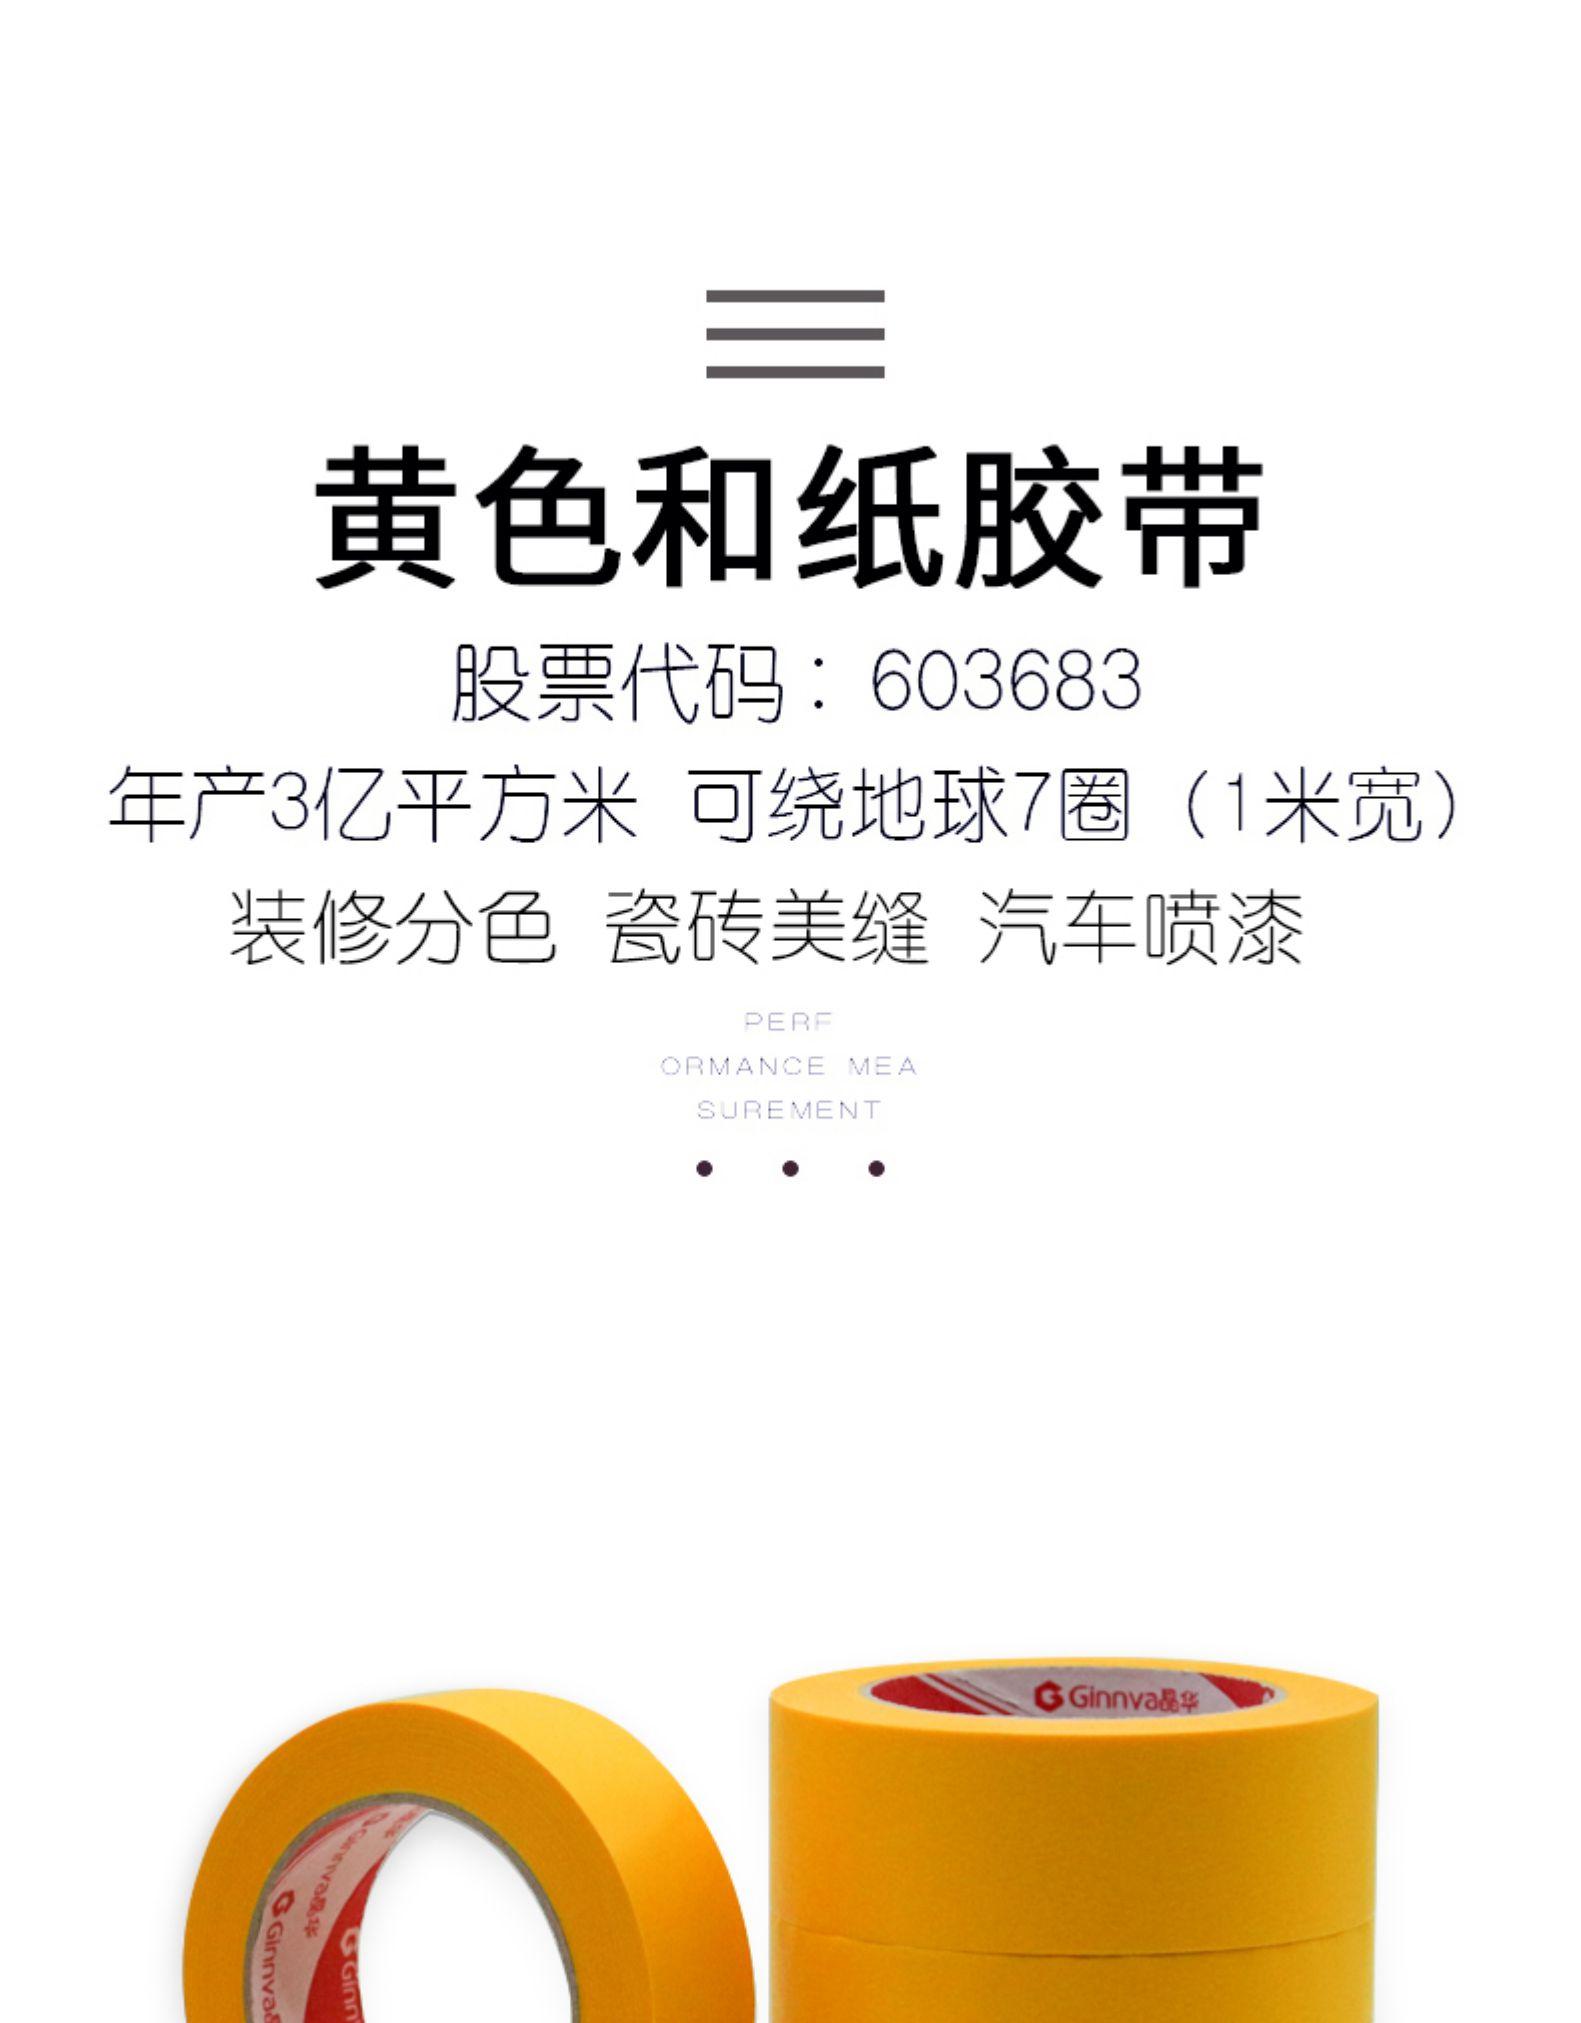 晶华和纸胶带黄色装修装饰喷漆遮蔽无痕手撕分色纸胶带套装定製米长瓷砖美缝纸胶带详细照片